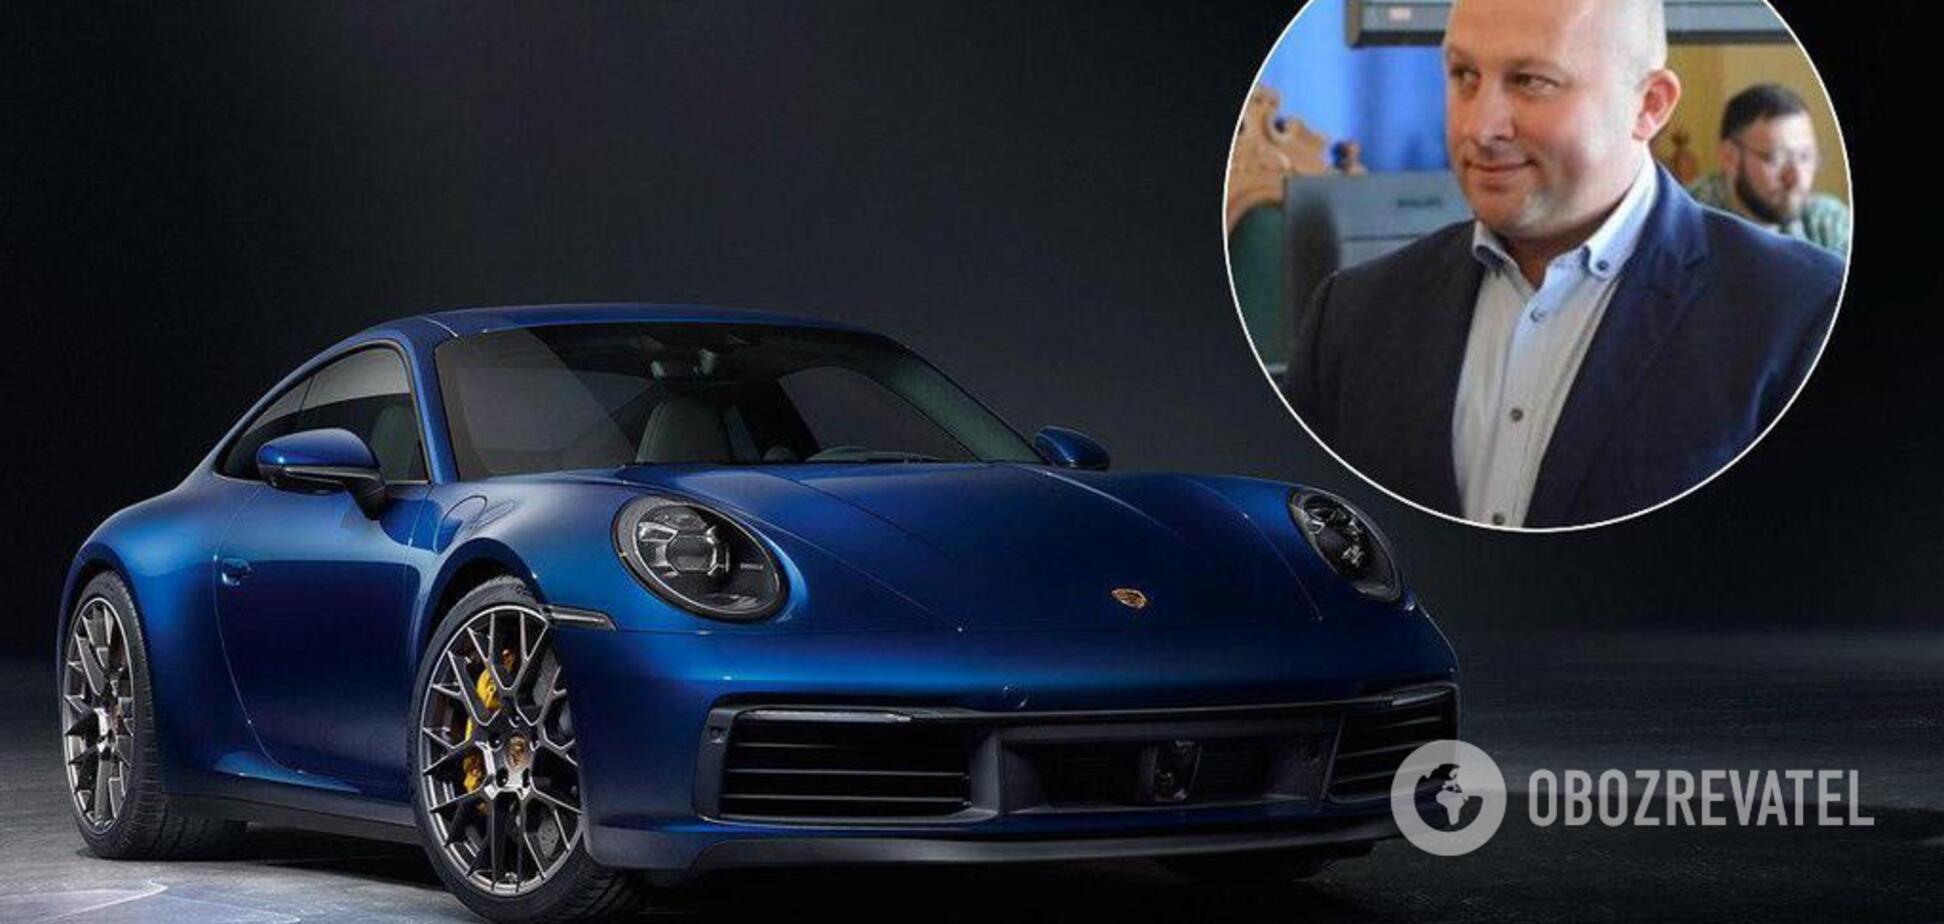 Porsche та Audi: начальник Львівської митниці 'засвітив' розкішний автопарк (відео)